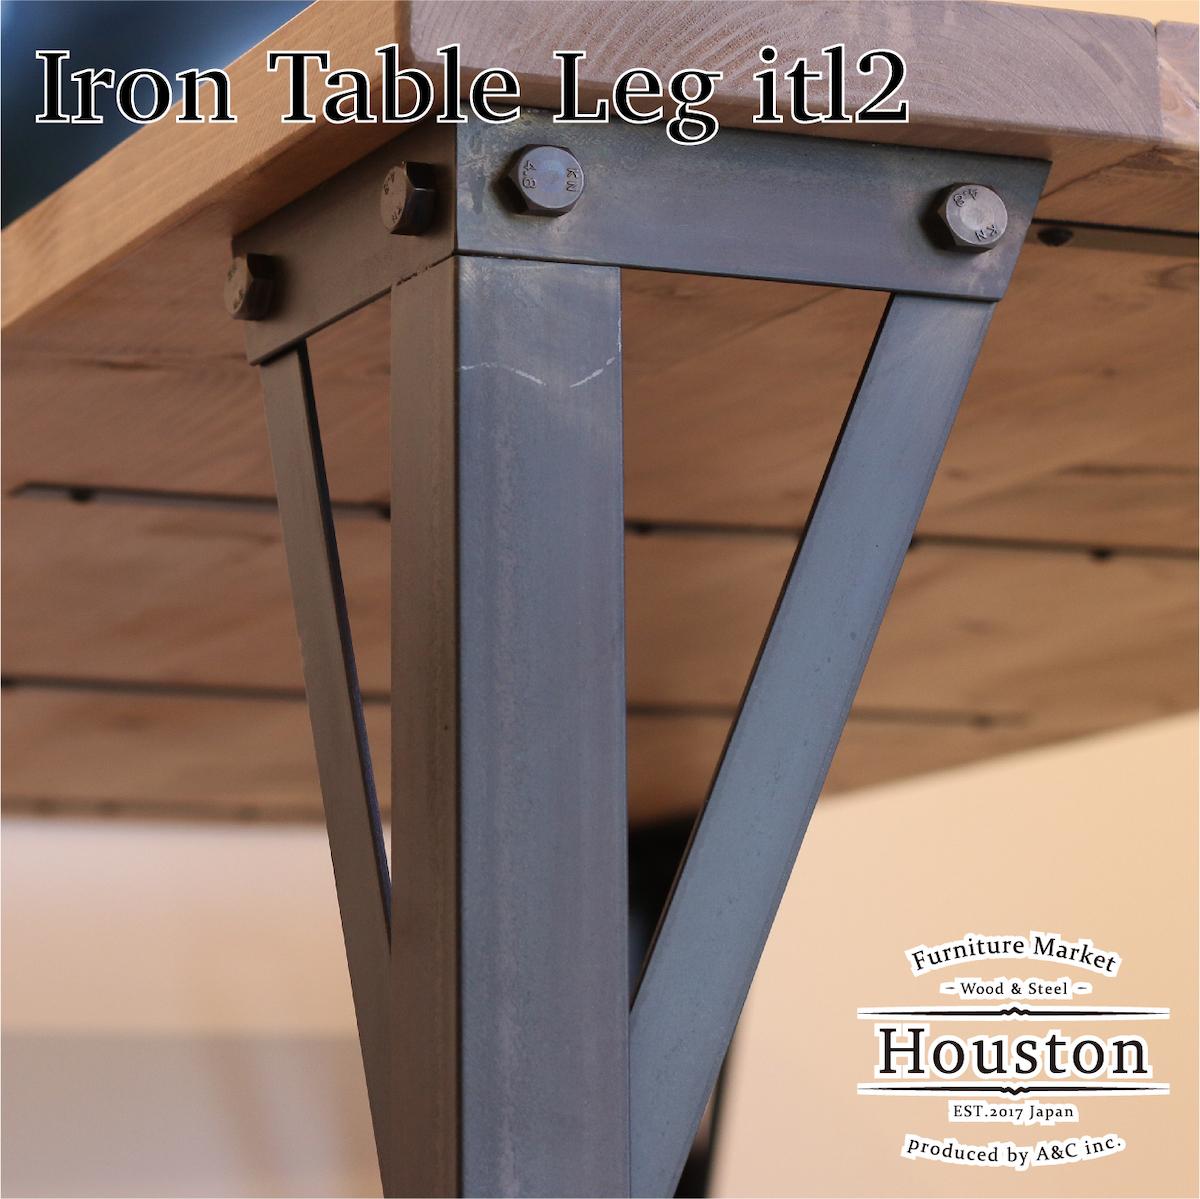 アイアンテーブルレッグ 脚 ハウストンITLシリーズ [itl2]テーブル脚4本の販売になります。